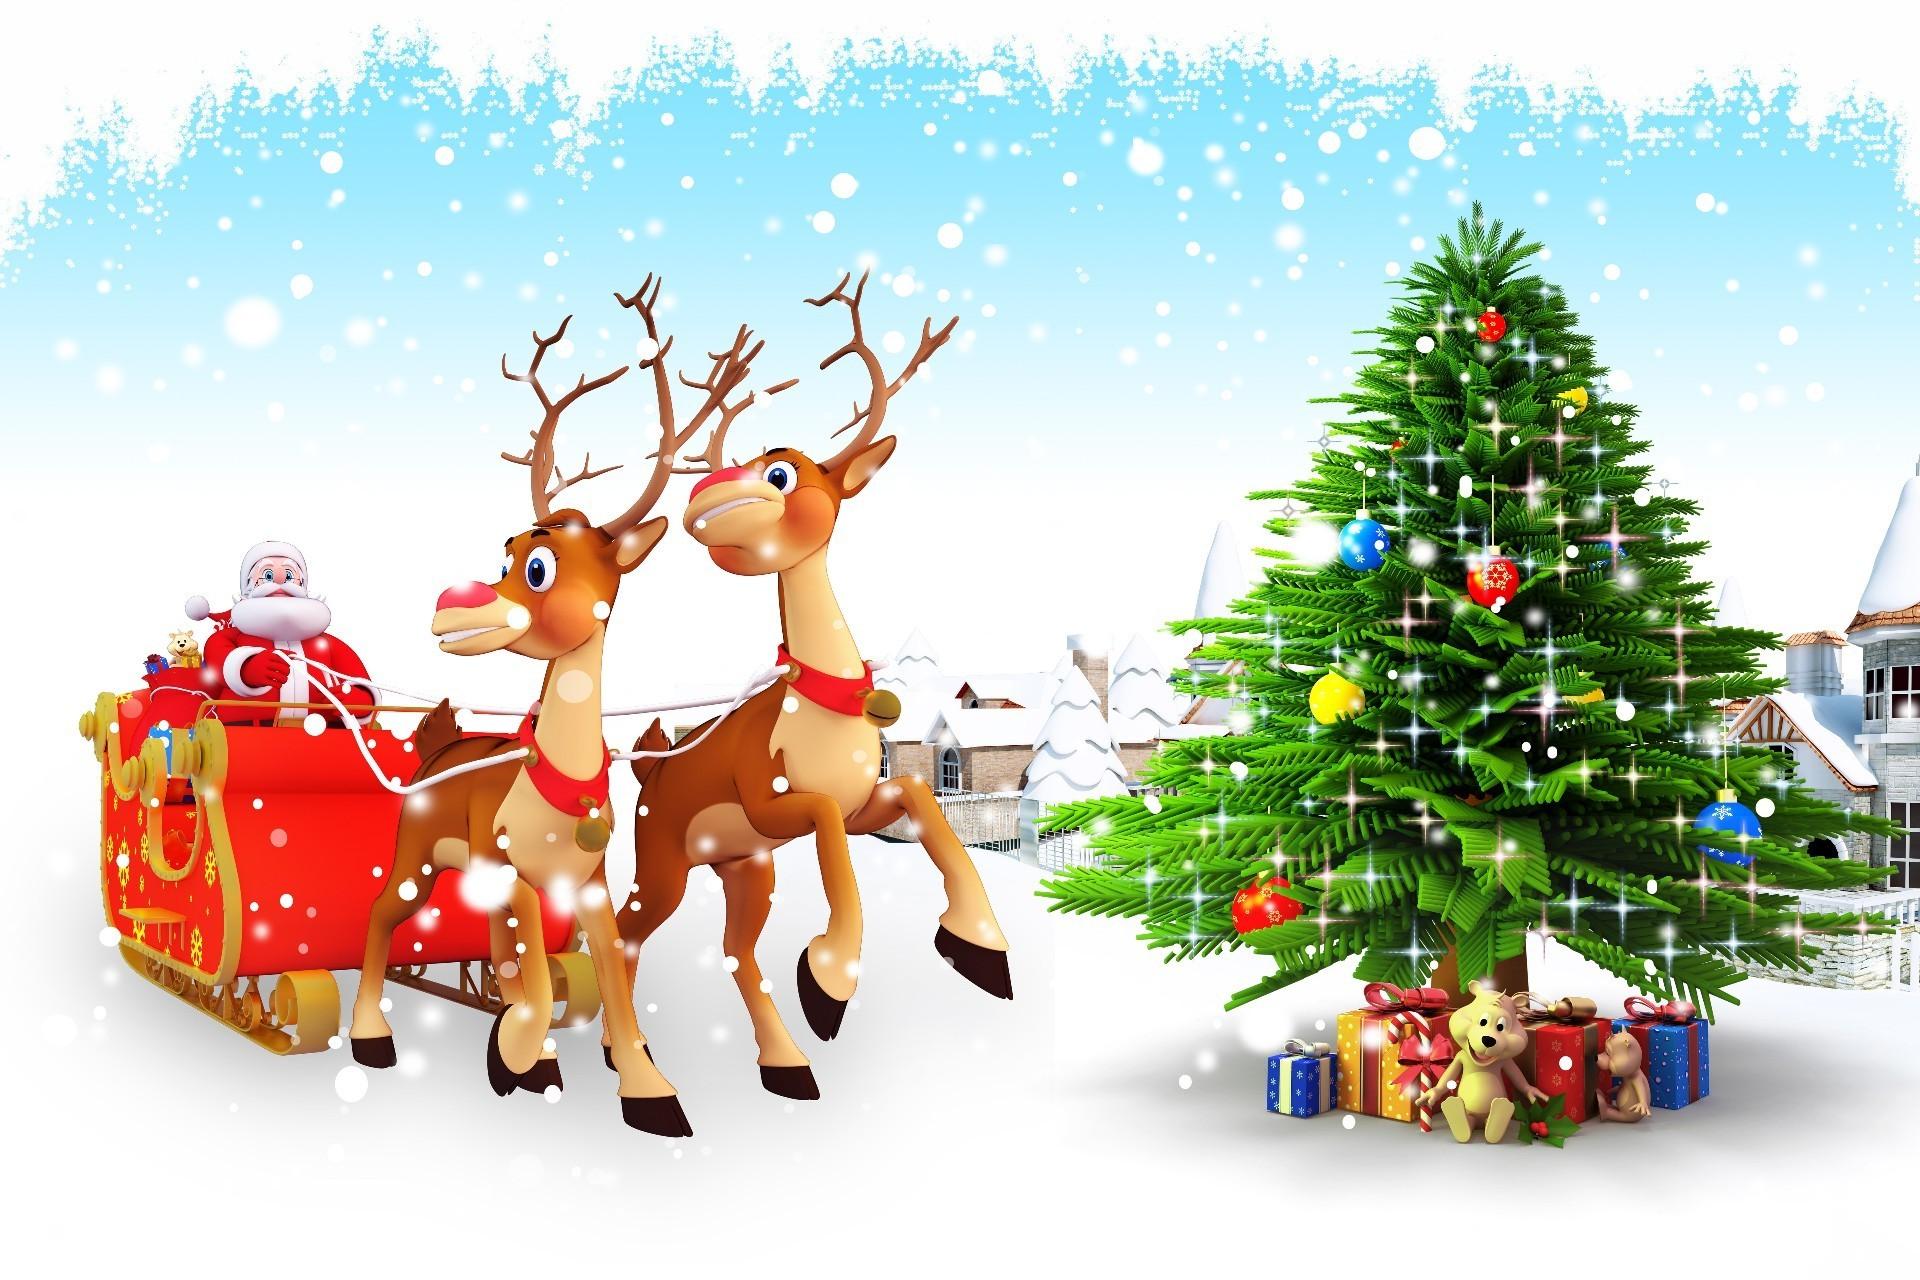 Новогодние картинки с дед морозом и елкой, картинки черно